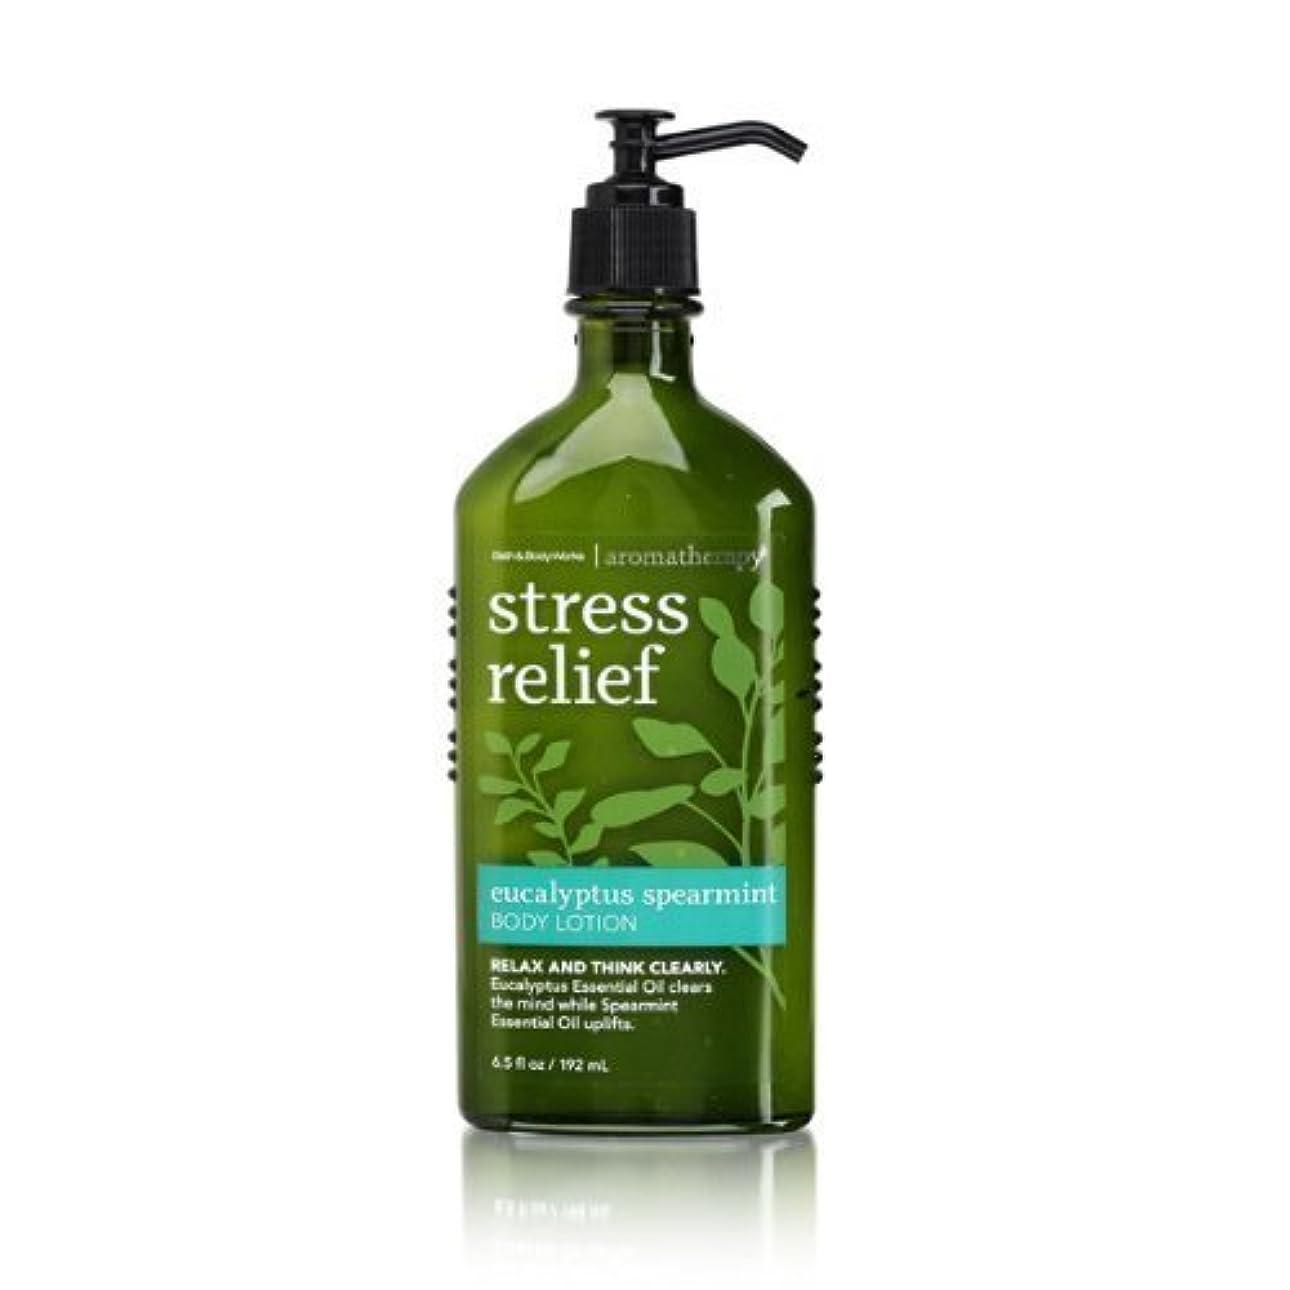 凝視謎めいた亜熱帯Bath & Body Works Aromatherapy Body Lotion with Free Hand Sanitizer (Eucalyptus Spearmint) [並行輸入品]